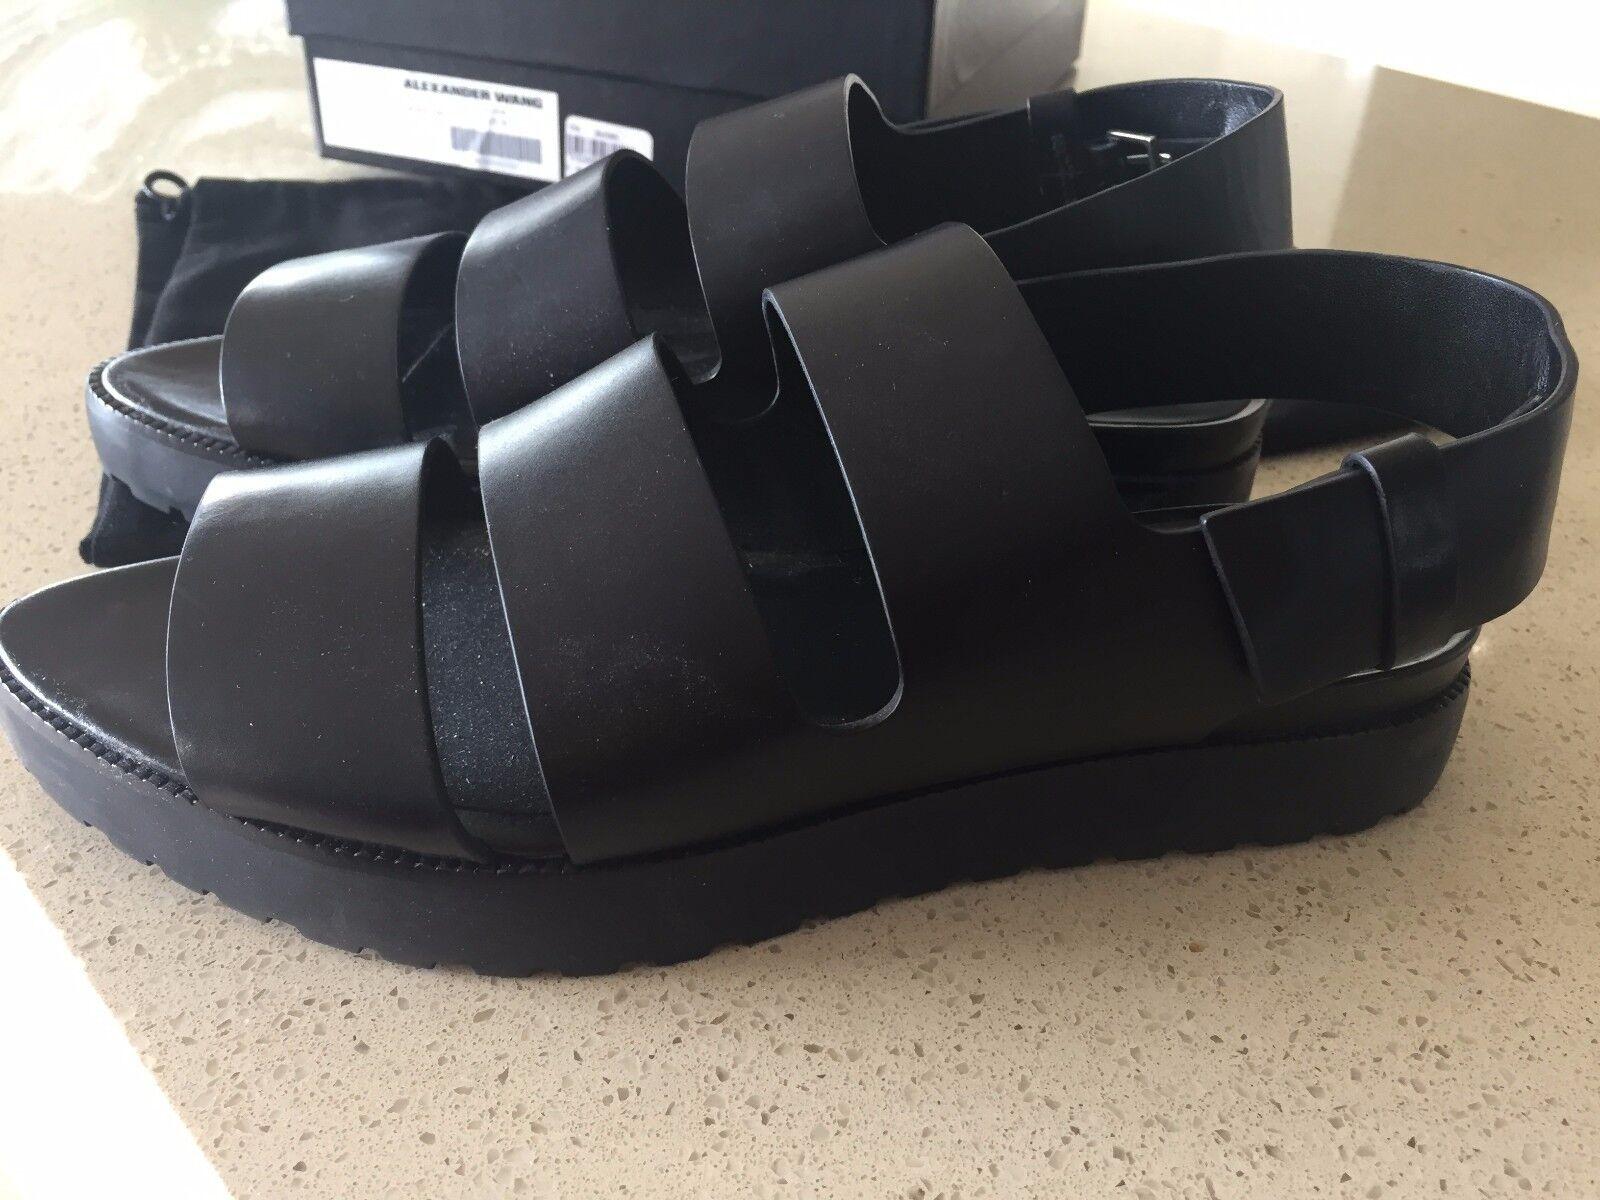 Alexander Wang nueva era  'Alisha' Sandalias De Cuero Negro 38 con caja y zapatosbag